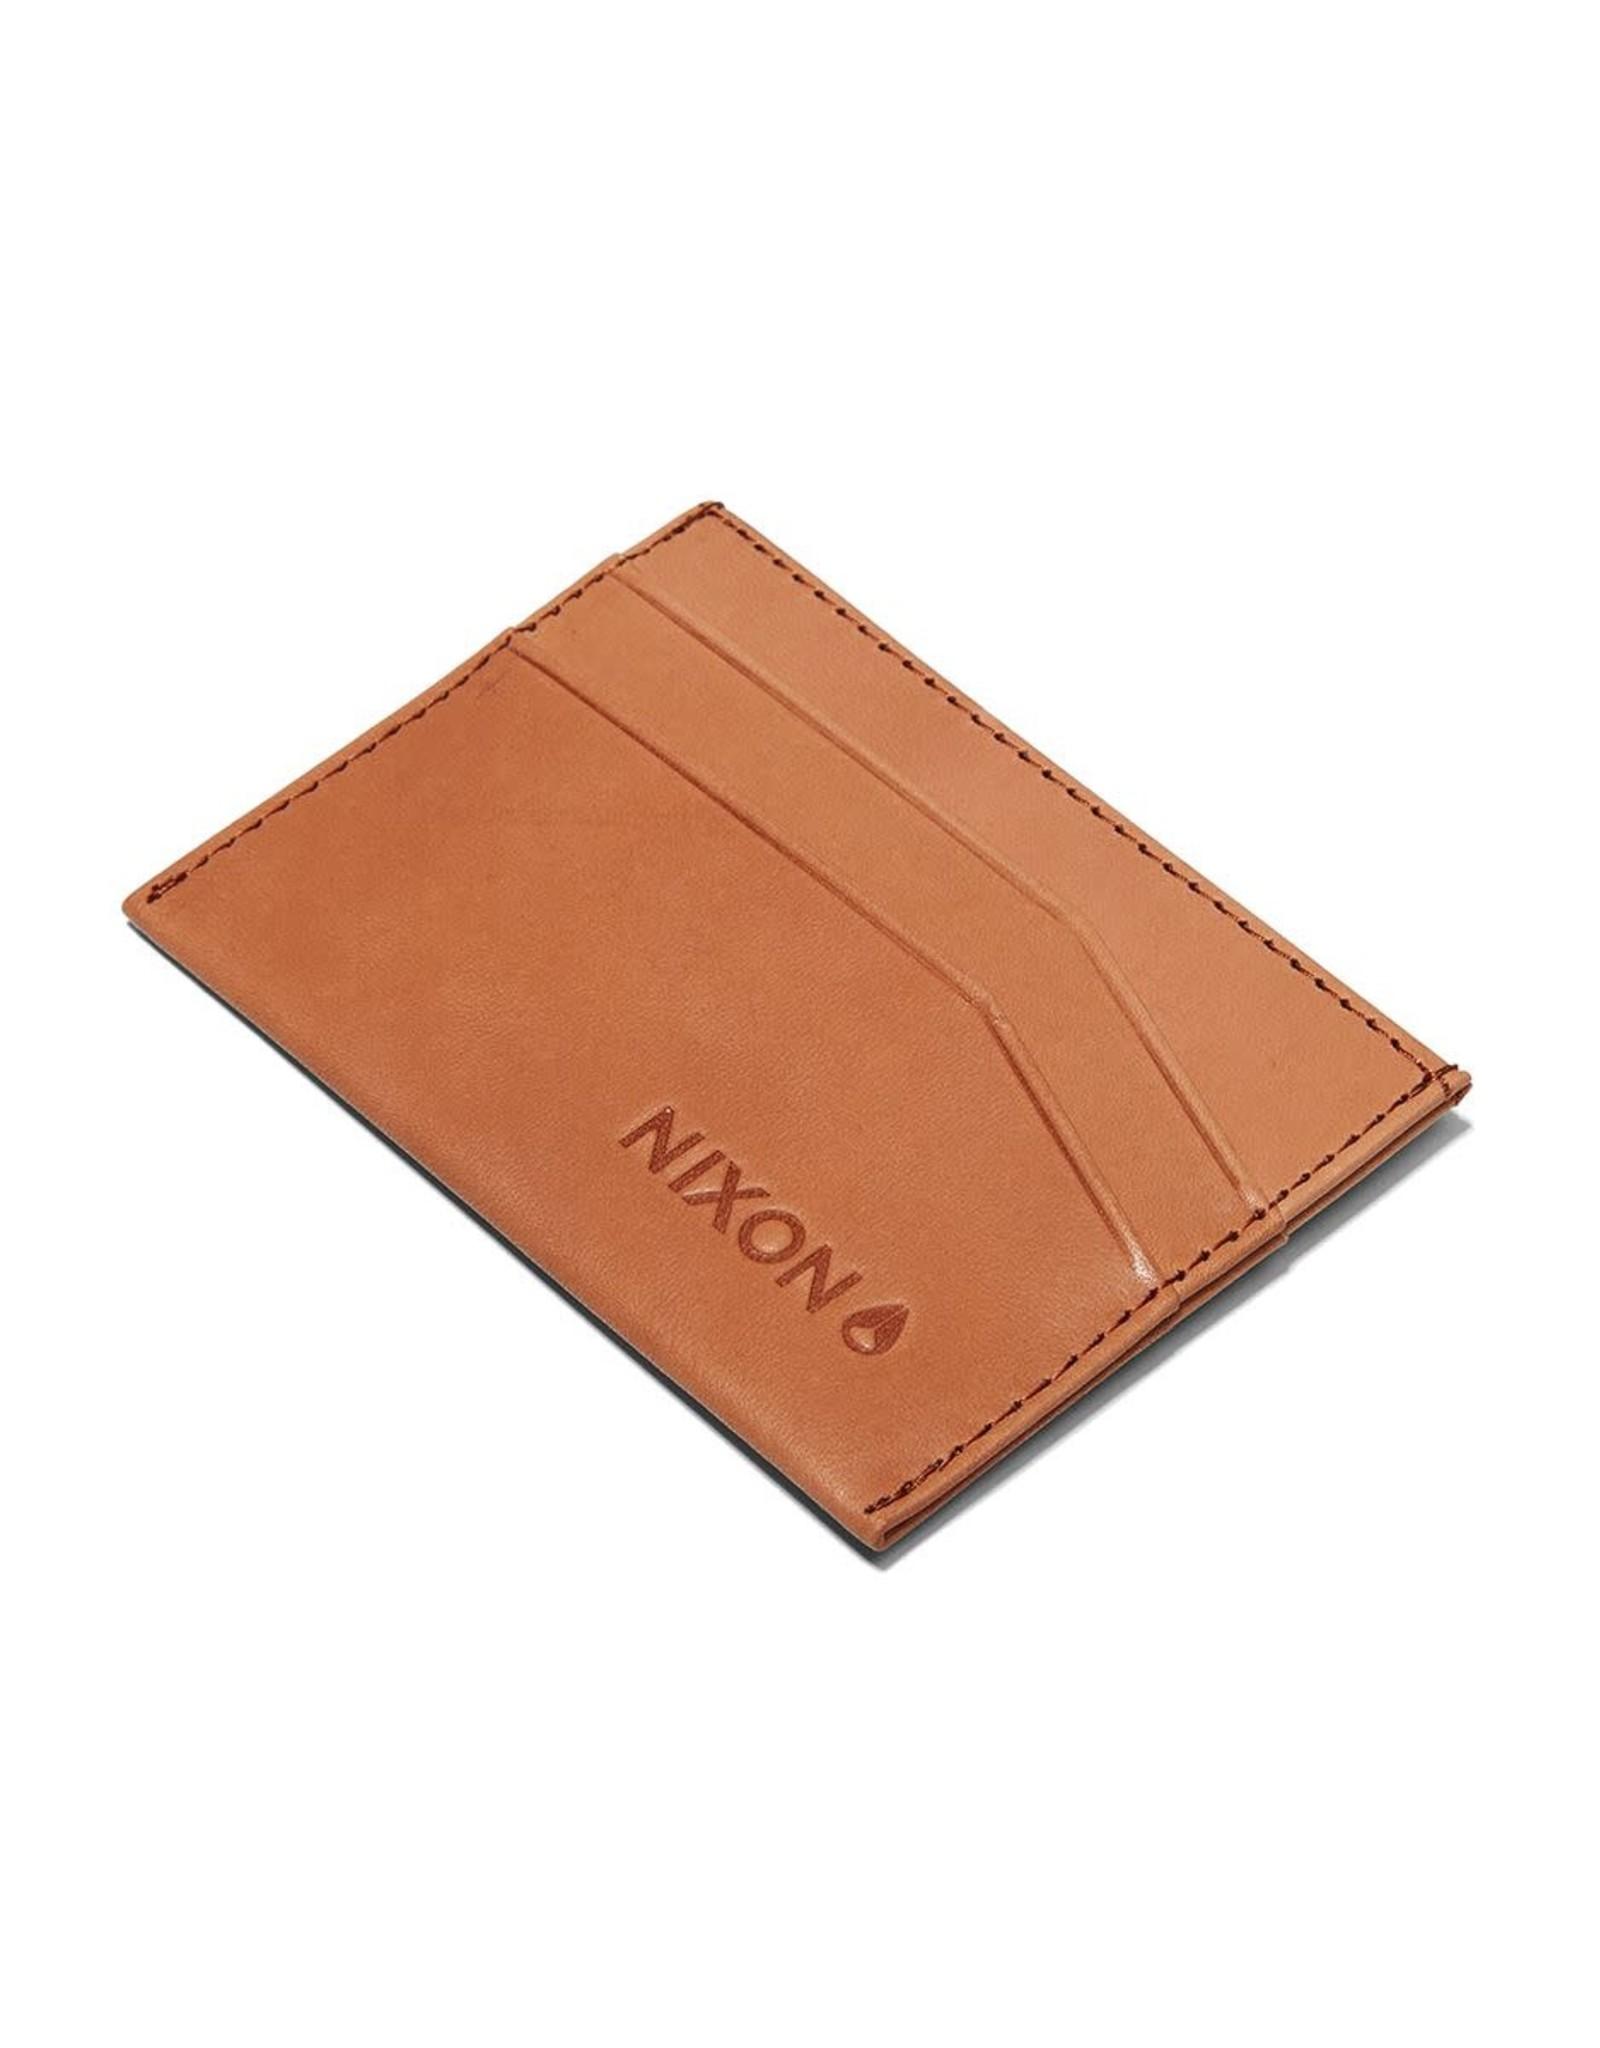 NIXON Flaco Leather Card